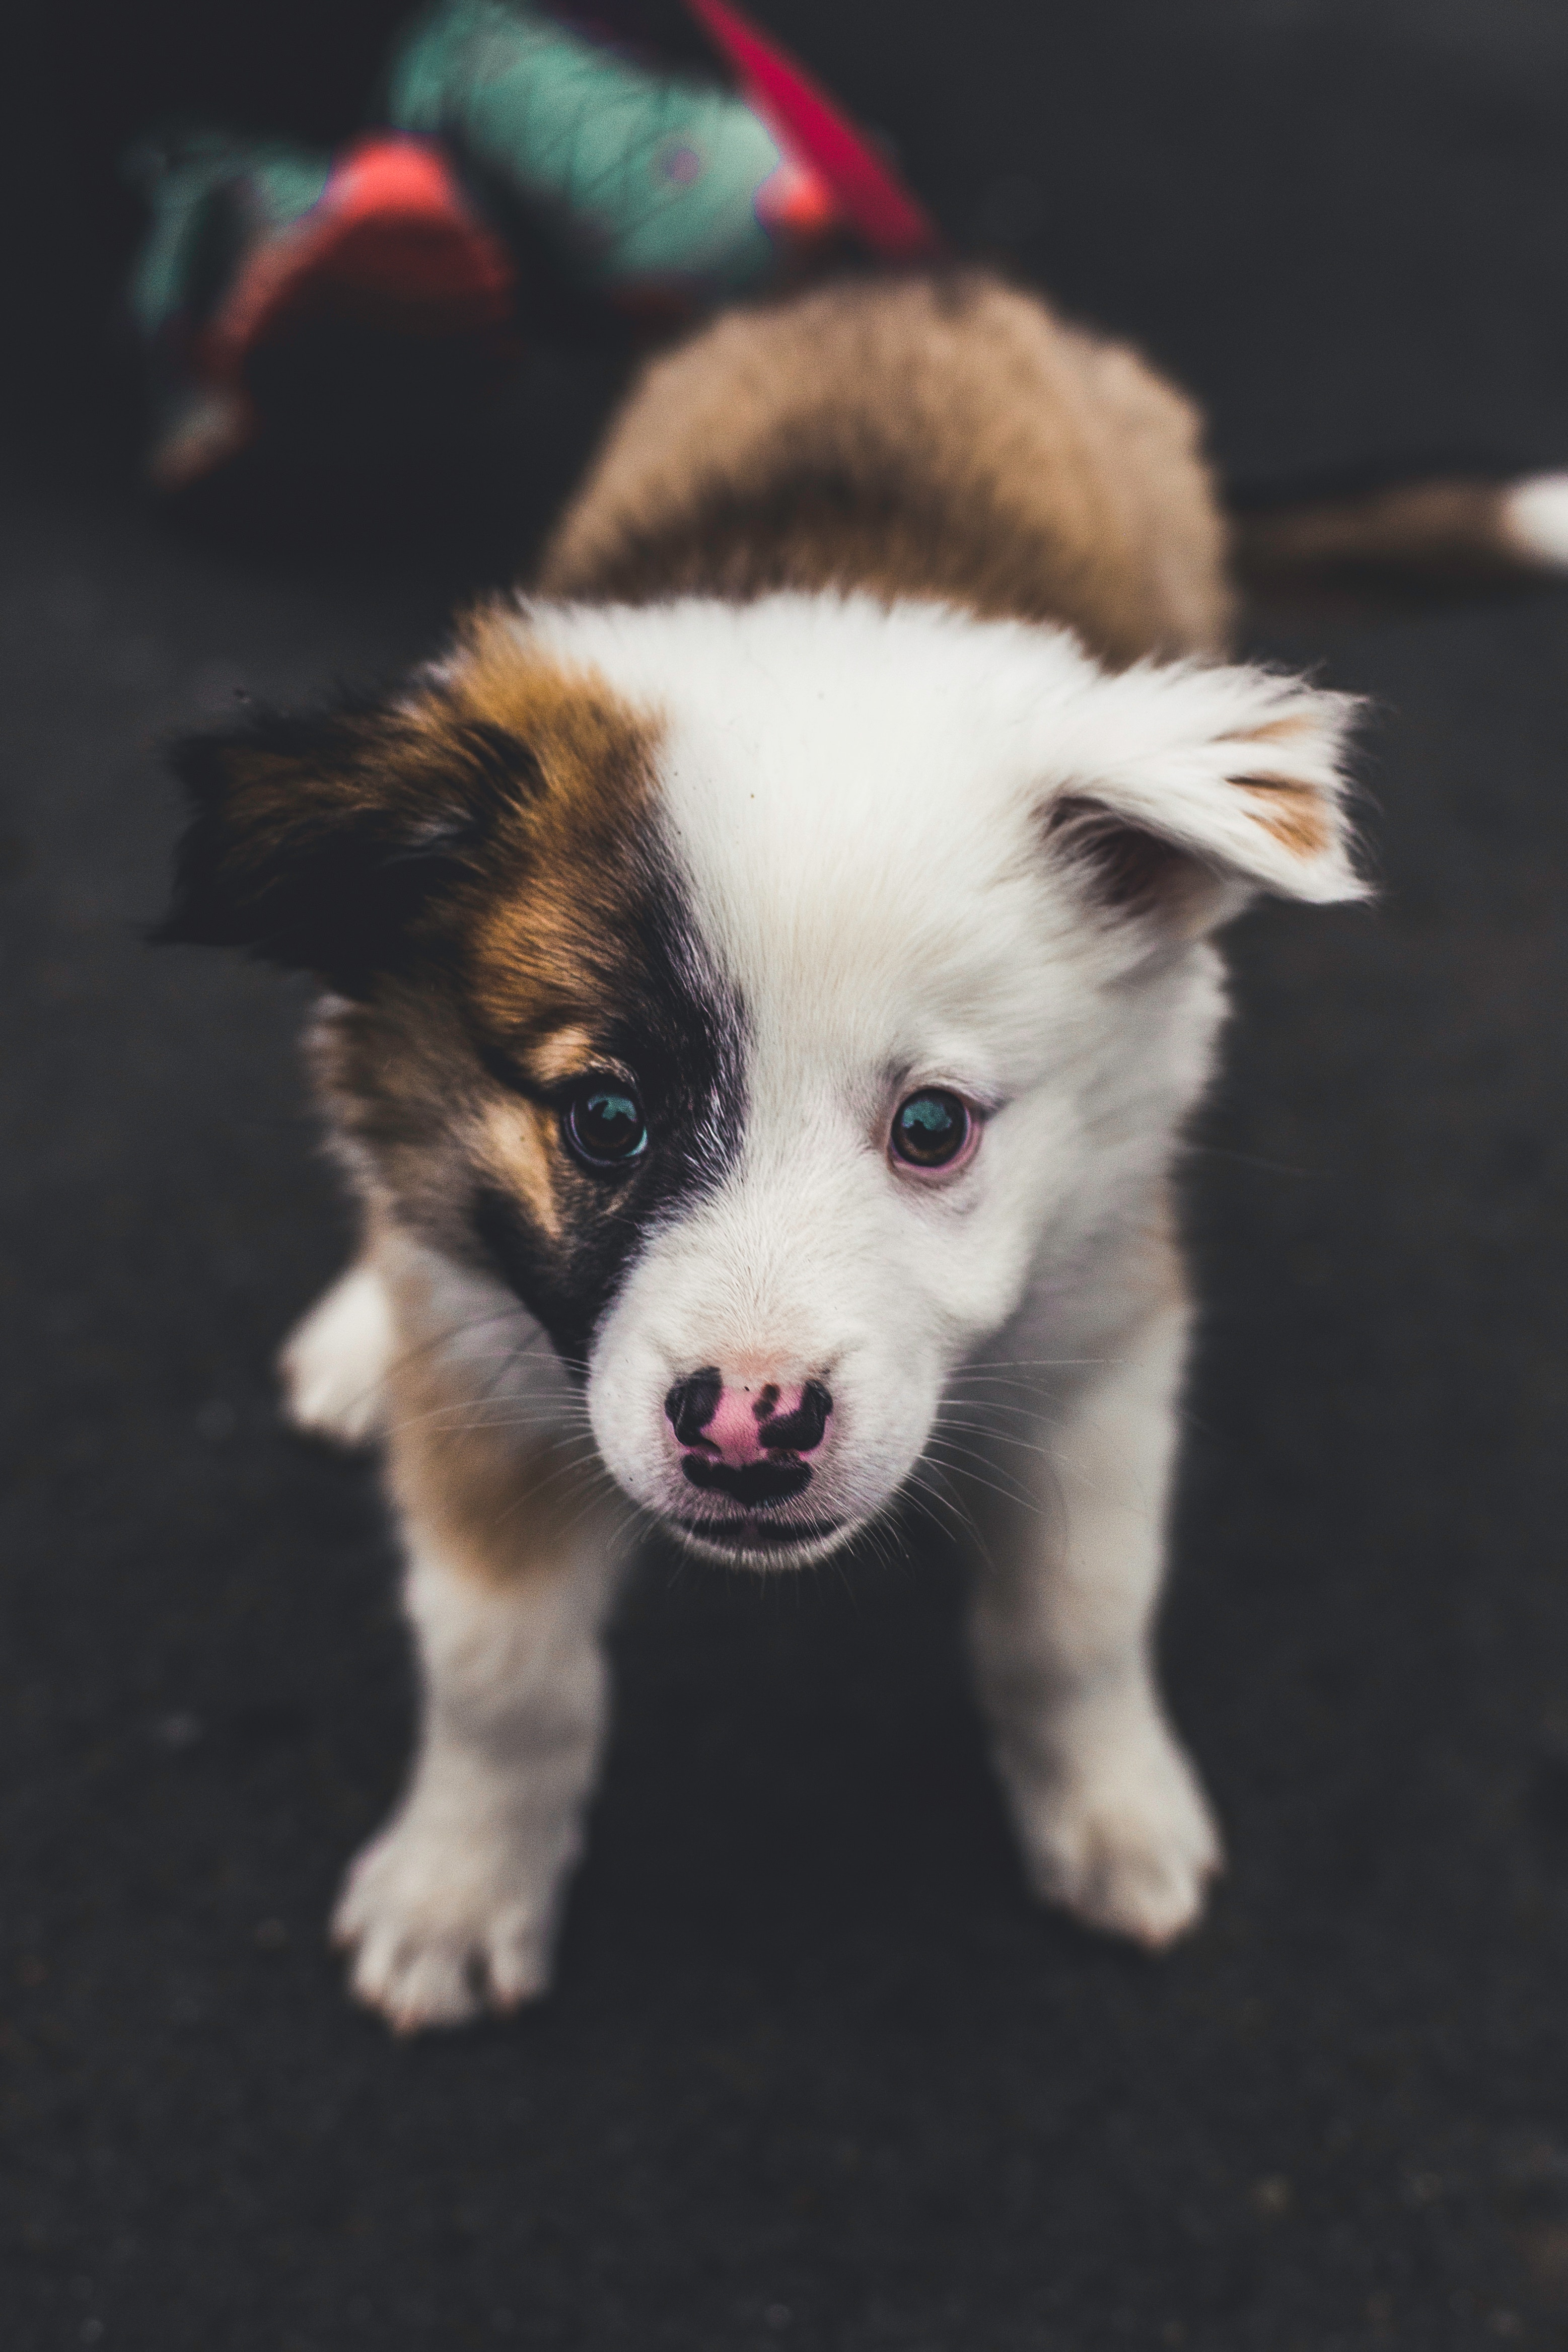 Puppy Begging